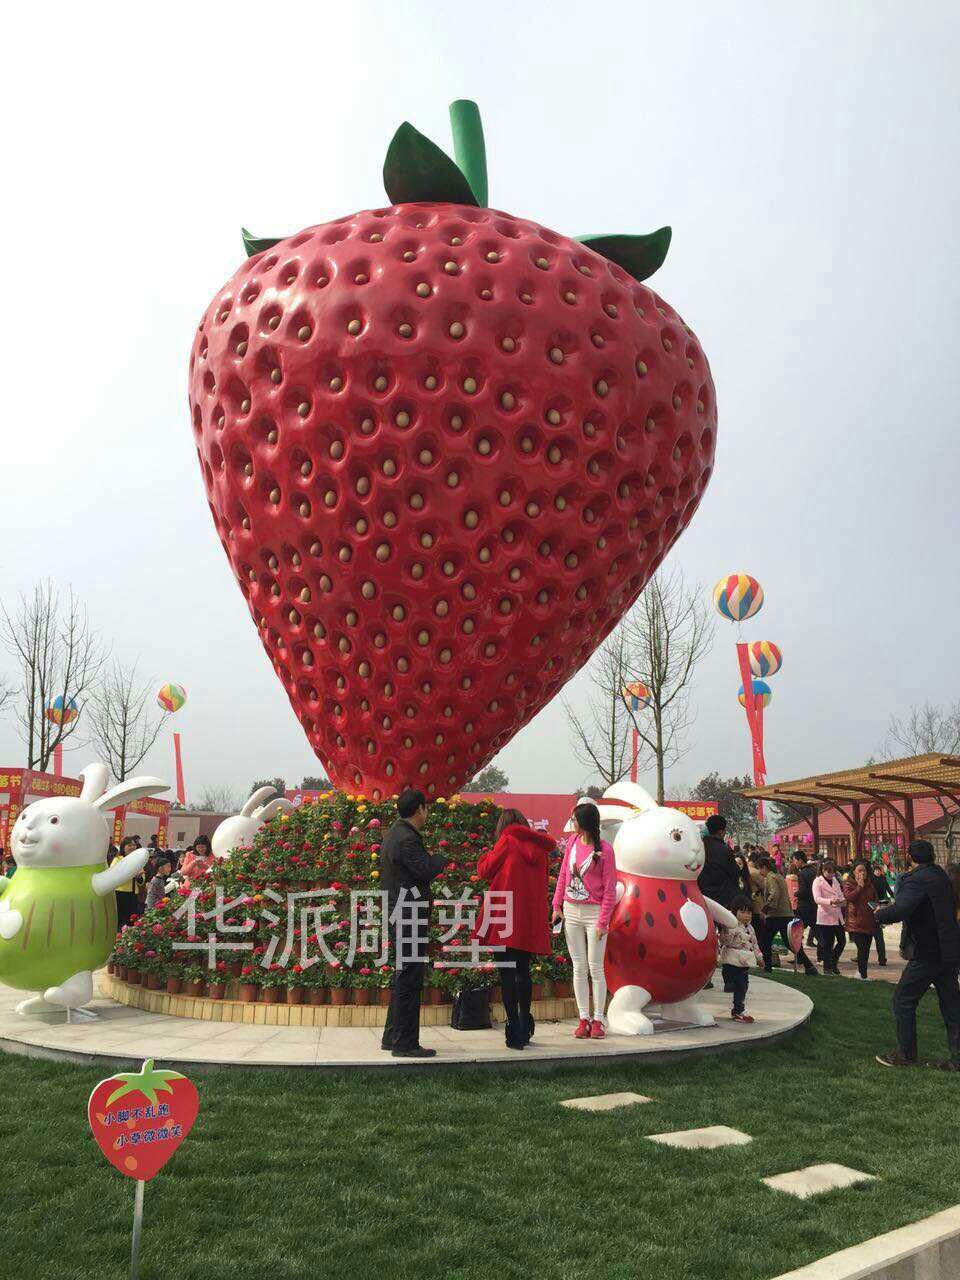 安徽亚博体育app下载安装苹果版亚博yabo下载制作草莓亚博yabo下载